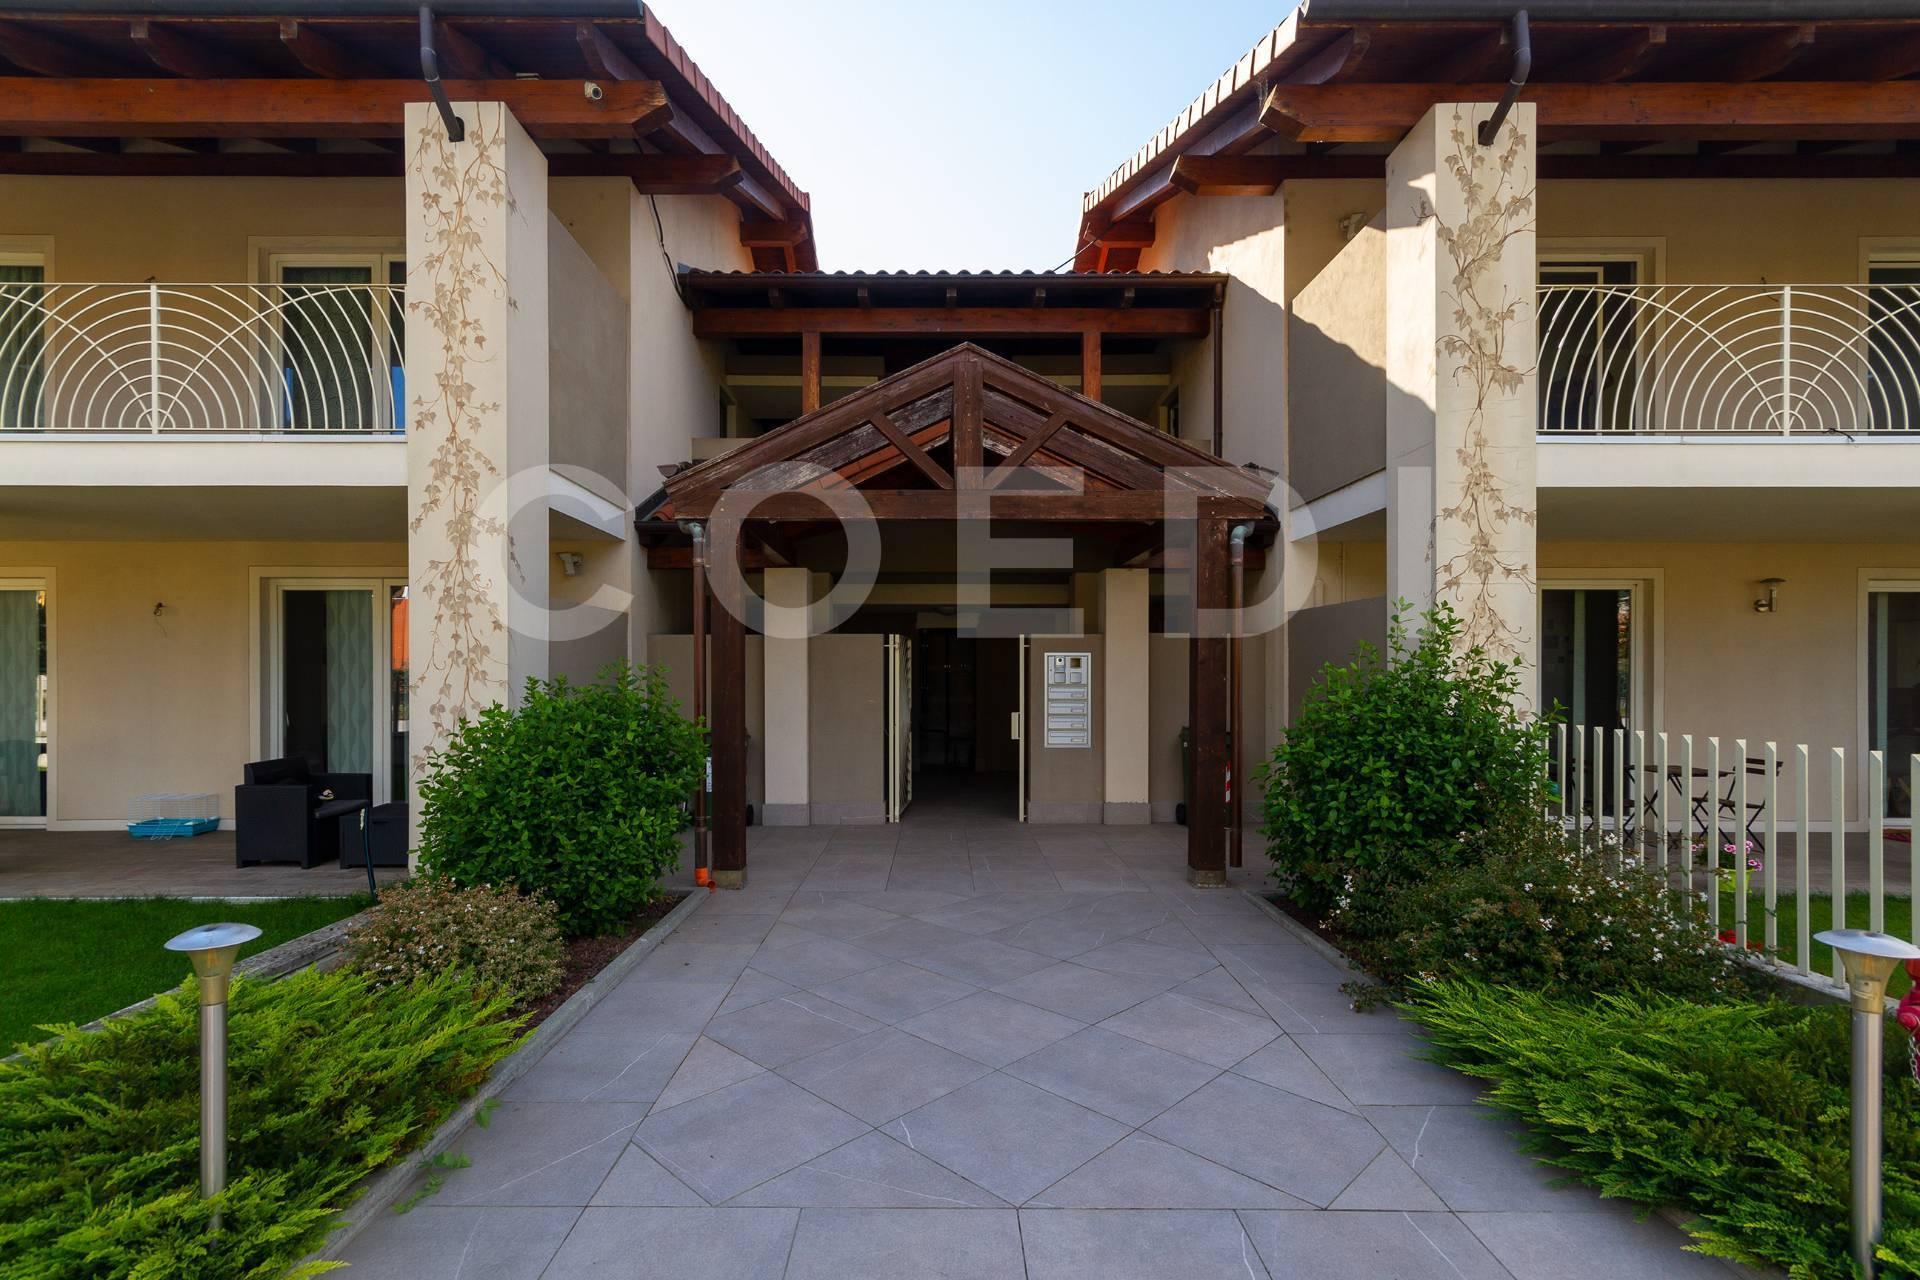 Appartamento in vendita a Borgone Susa, 3 locali, prezzo € 155.000 | PortaleAgenzieImmobiliari.it